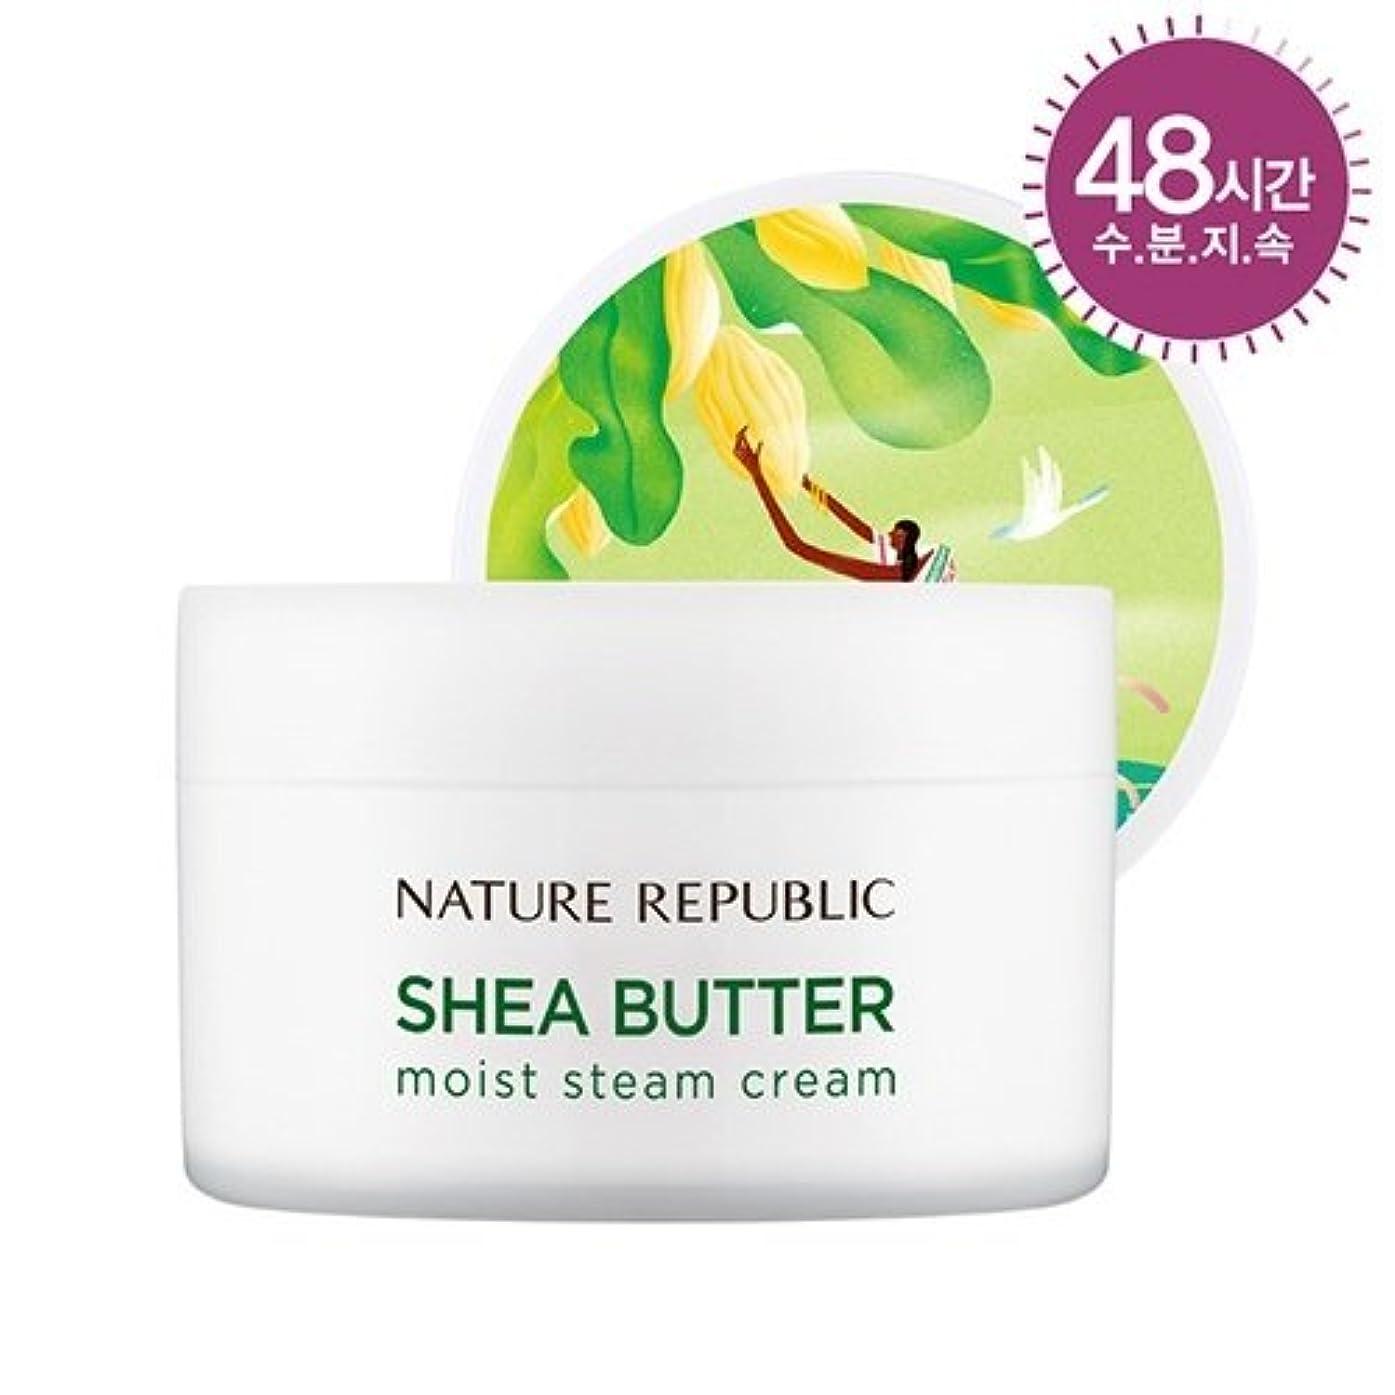 疑問に思う咲くわざわざNATURE REPUBLIC(ネイチャーリパブリック) SHEA BUTTER STEAM CREAM シアバター スチーム クリーム #モイスト乾燥肌